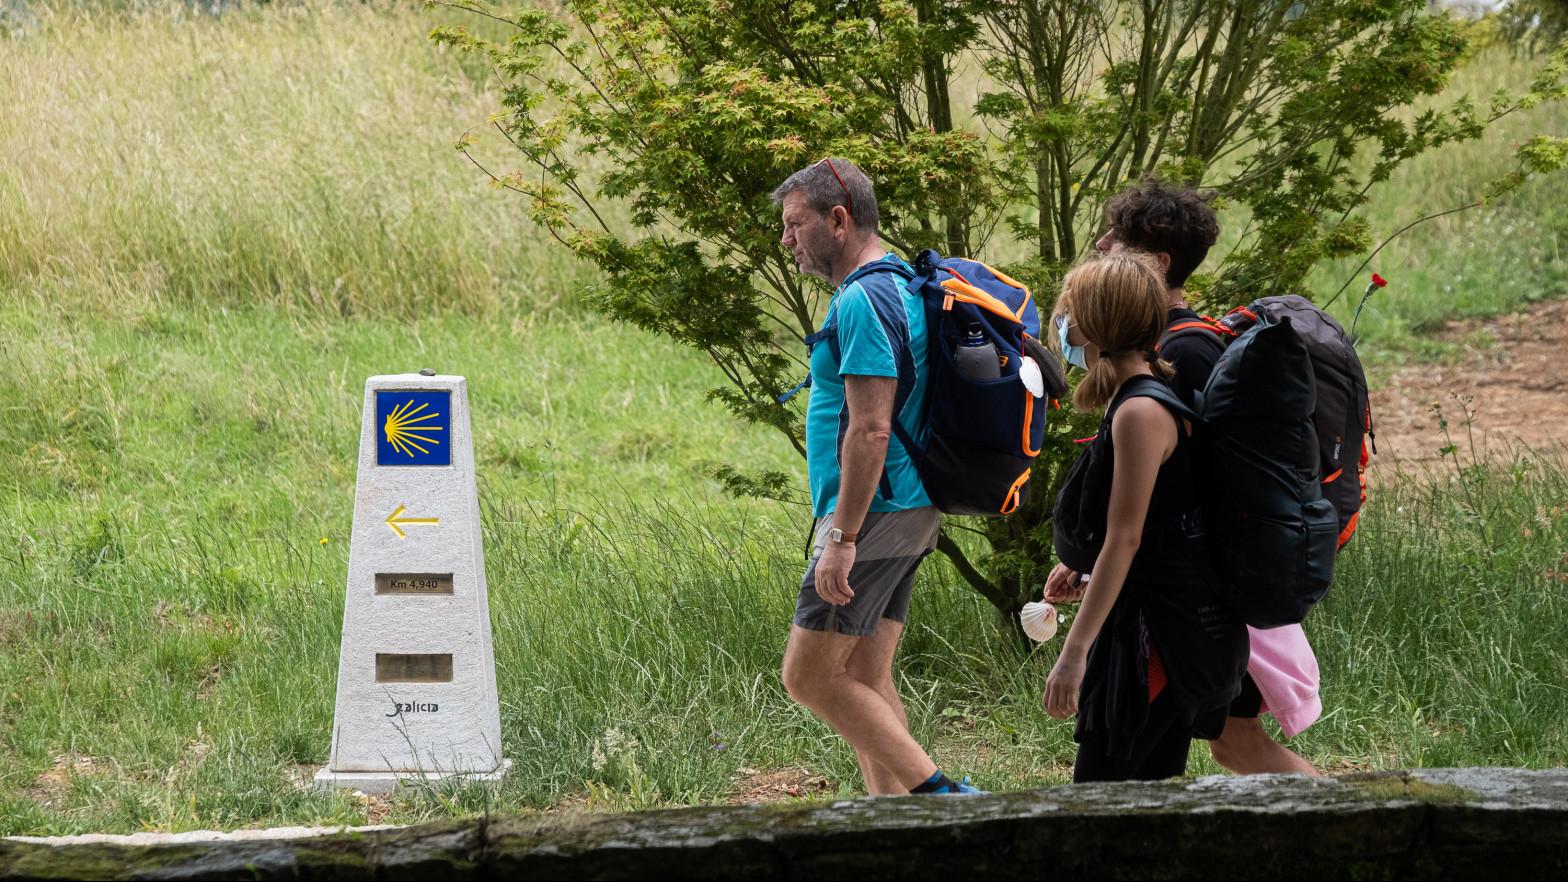 Varios peregrinos en la última etapa del camino de Santiago